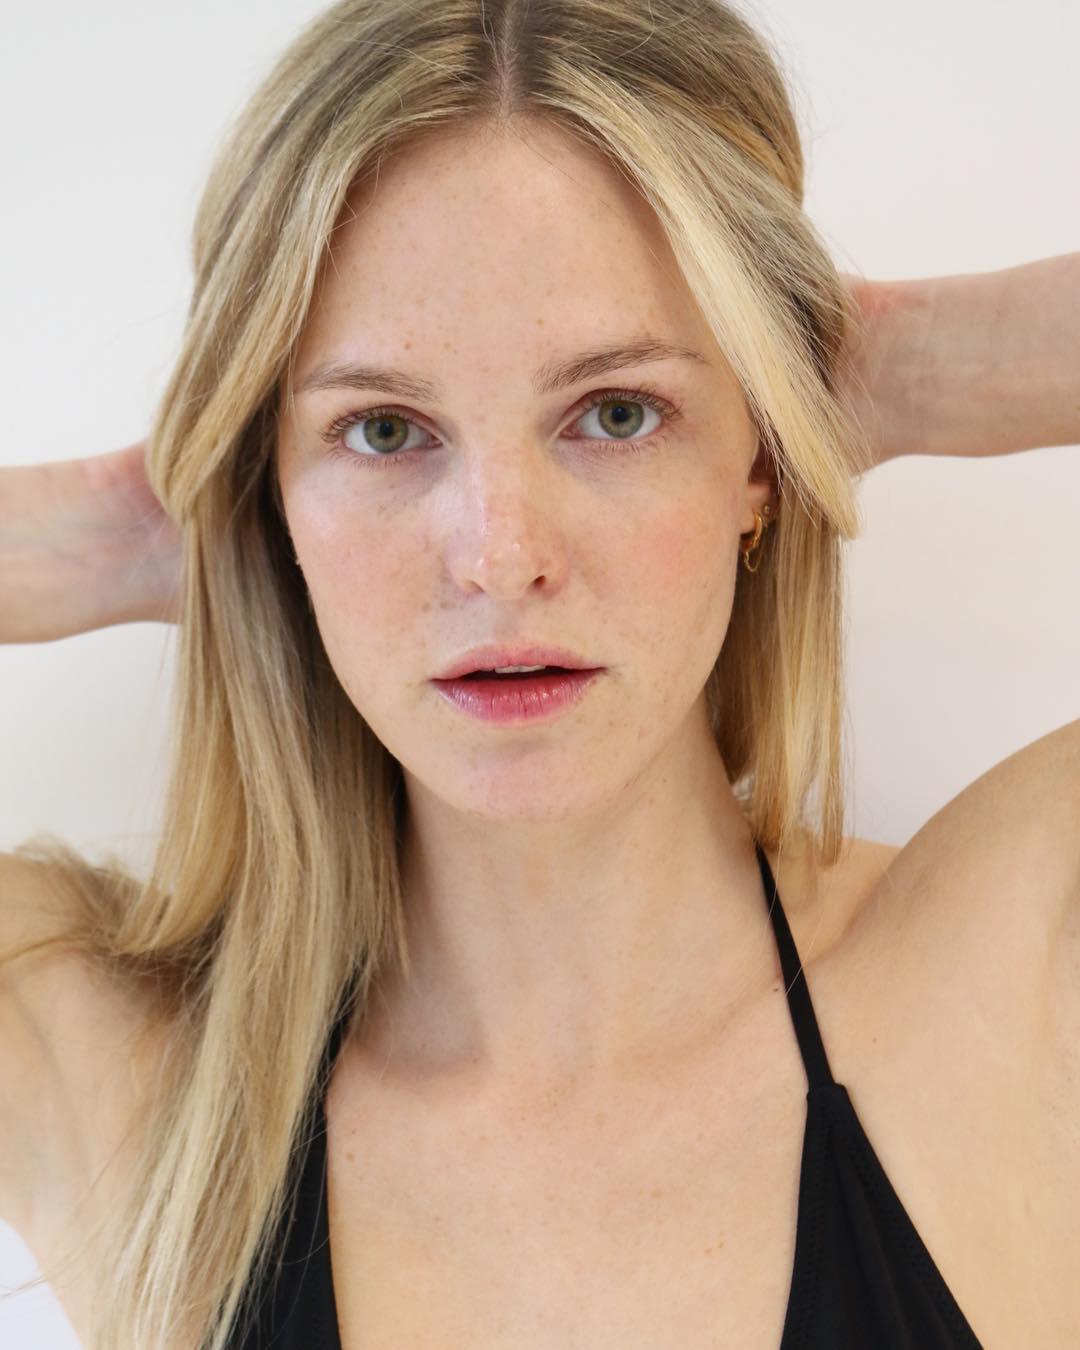 """Đừng """"ngó lơ"""" 6 tips chăm da sau của các người mẫu bởi rất có thể, bạn sẽ tìm thấy chìa khóa nâng cấp nhan sắc - Ảnh 4."""